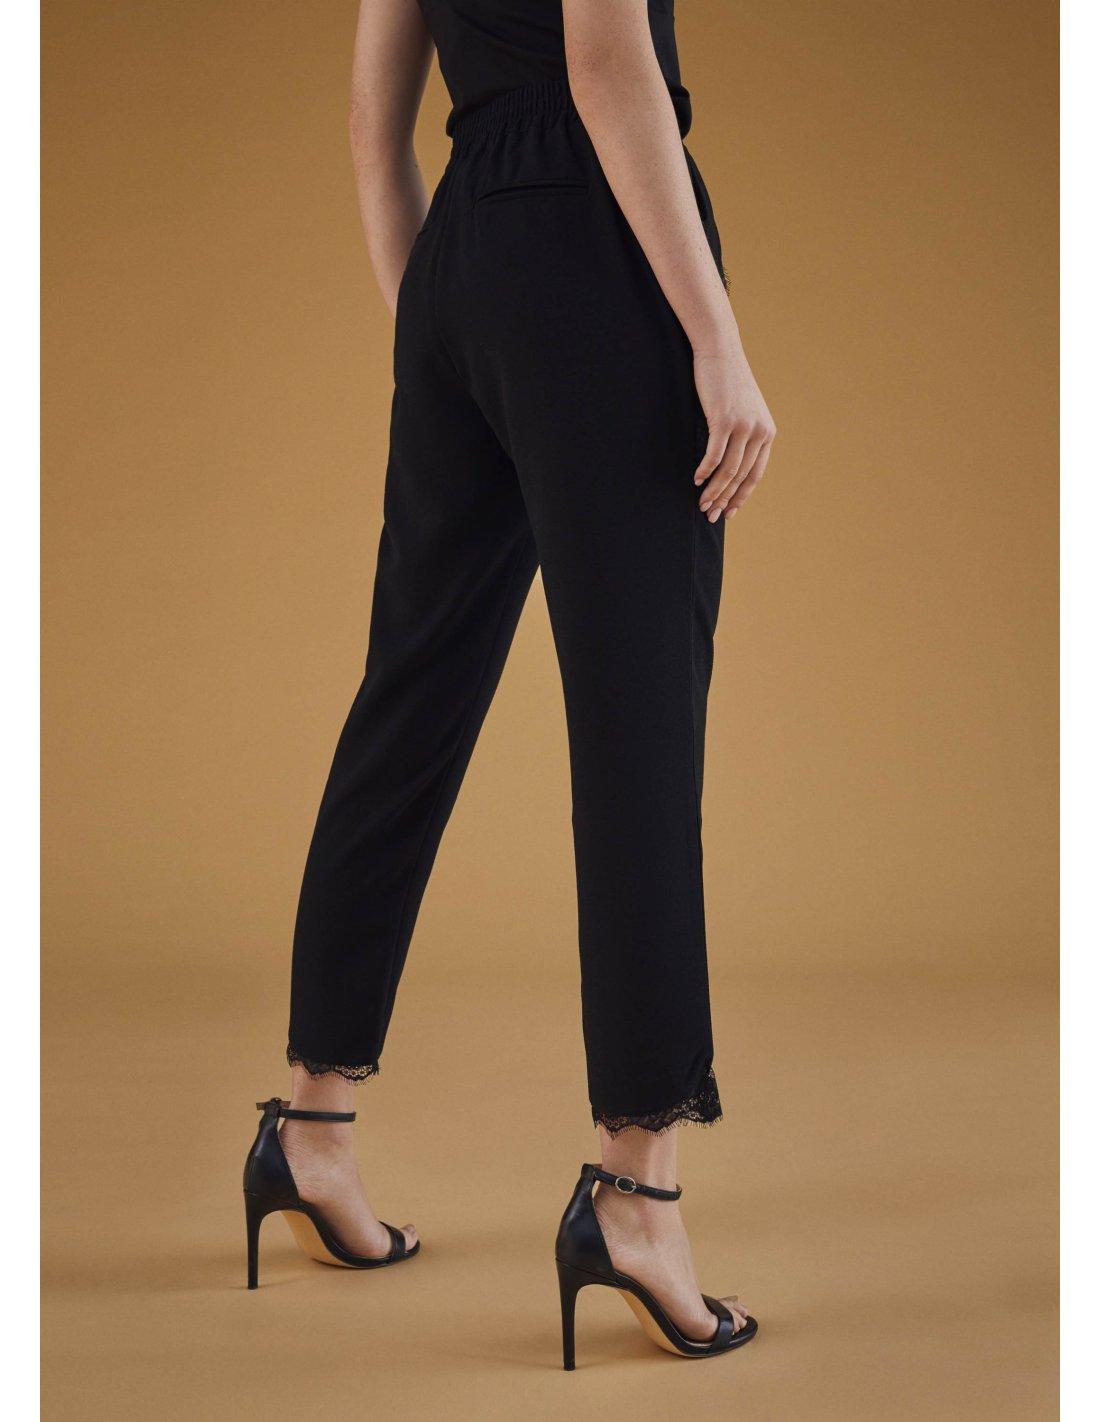 Pantalón jogging con puntilla, negro